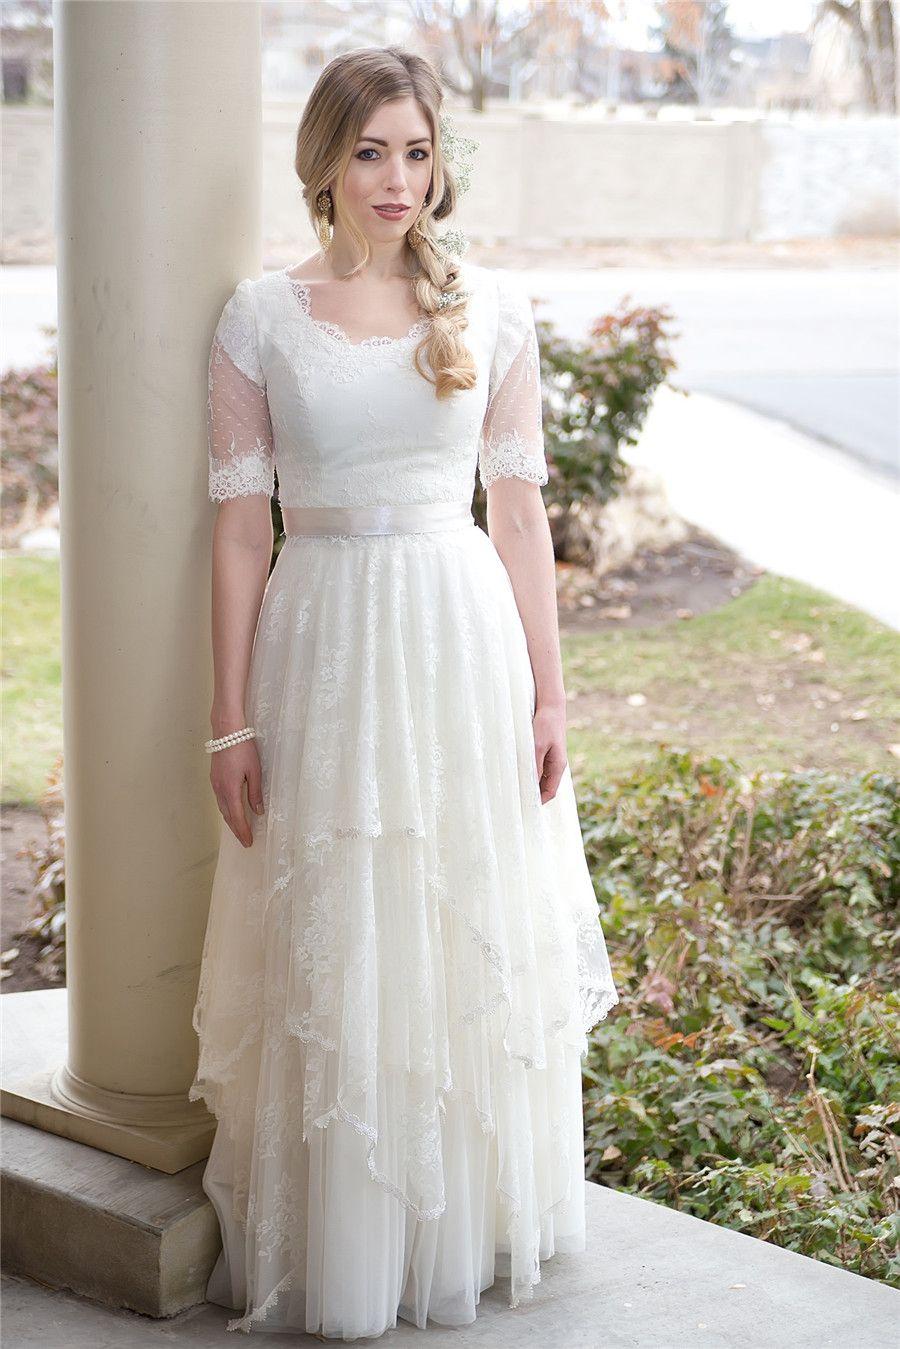 Старинные кружевные А-силуэты скромные свадебные платья с рукавами богемные свадебные платья на шнуровке сзади длиной до пола в деревенском стиле свадебное свадебное платье плюс